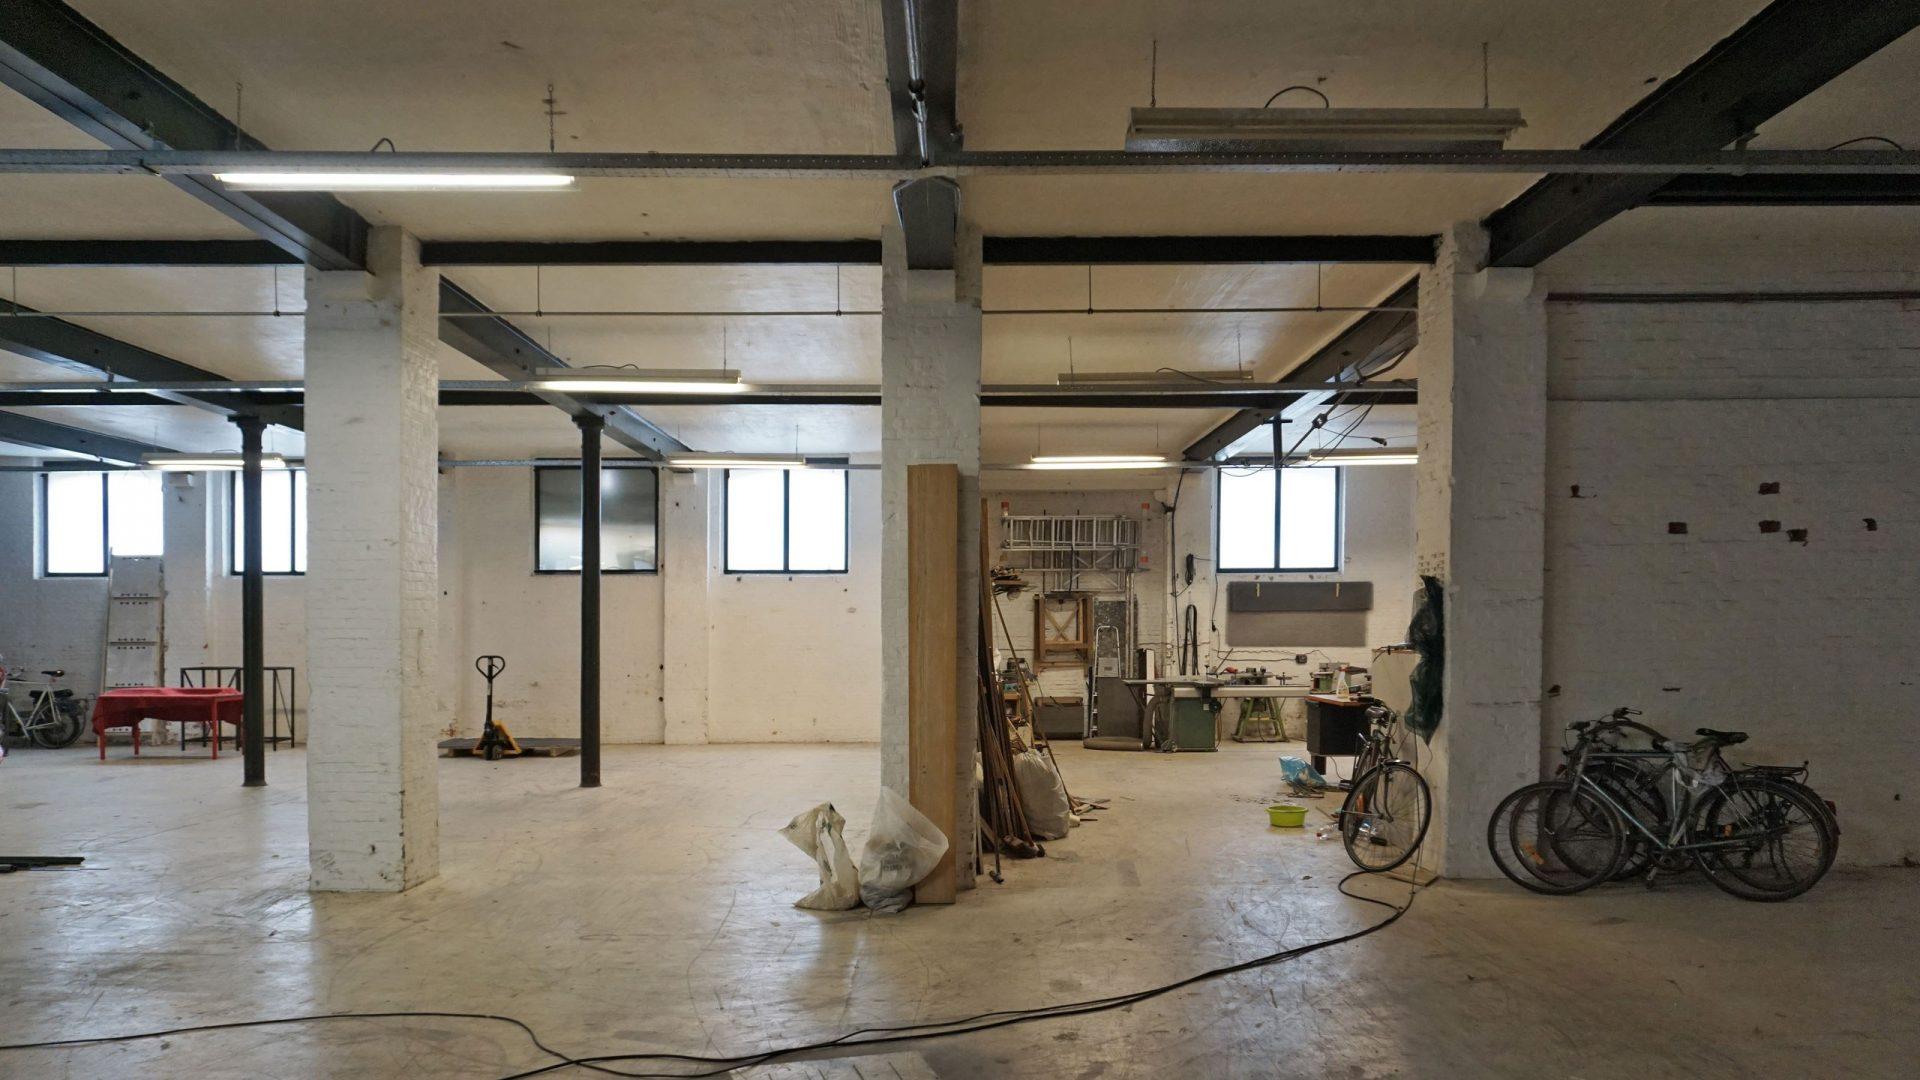 Everaert Existing Interior Ground